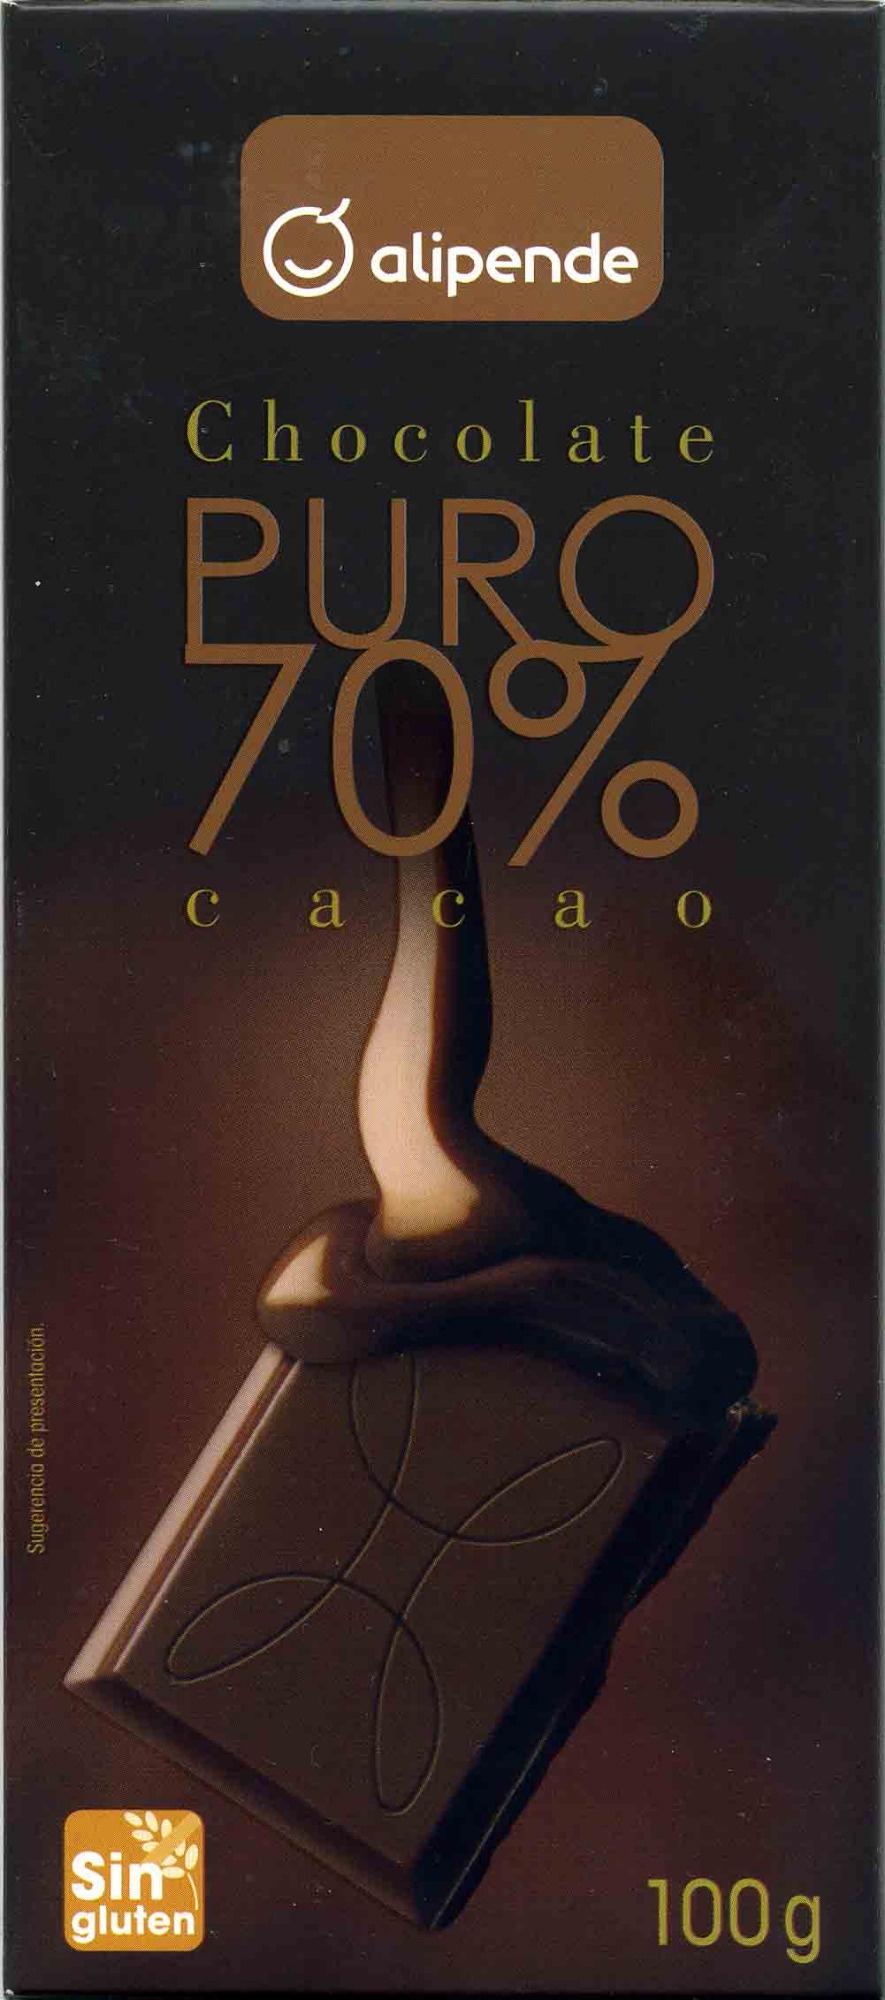 Chocolate puro 70% cacao - Producto - es